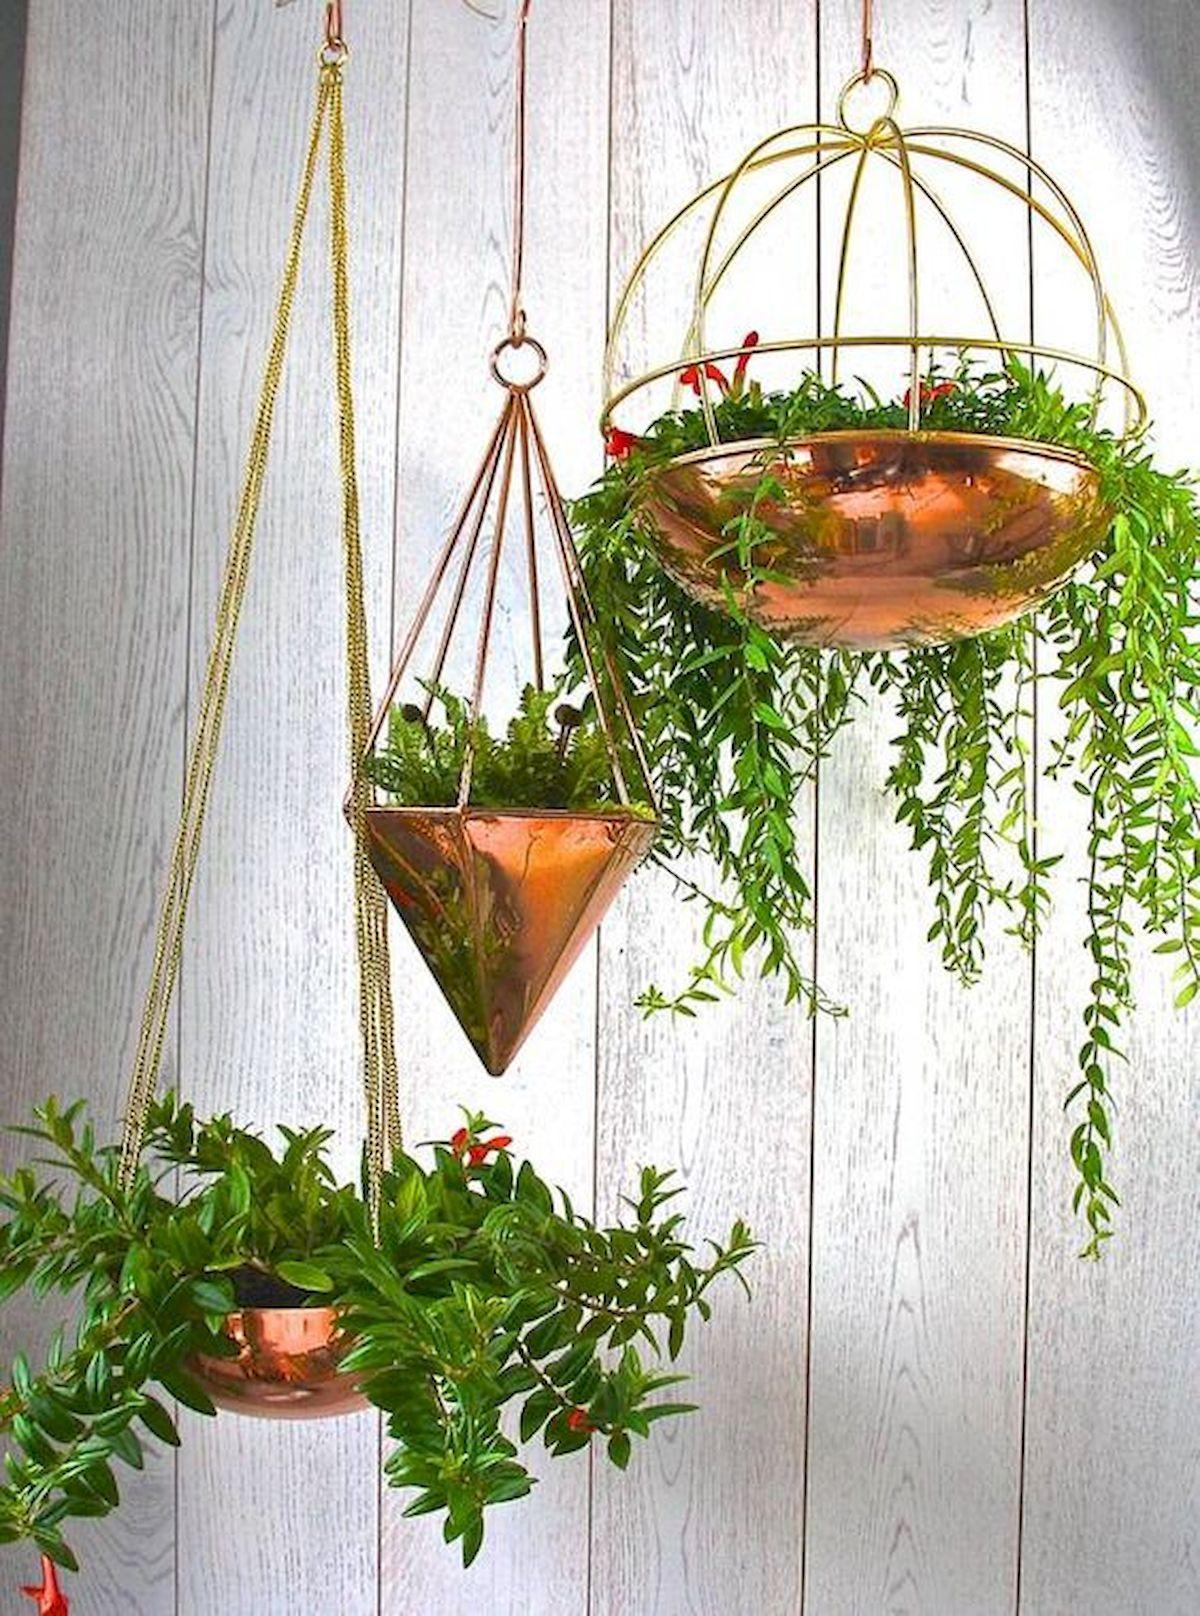 30 Cute Hanging Plants to Decorate Your Interior Home #hangingplantsindoor